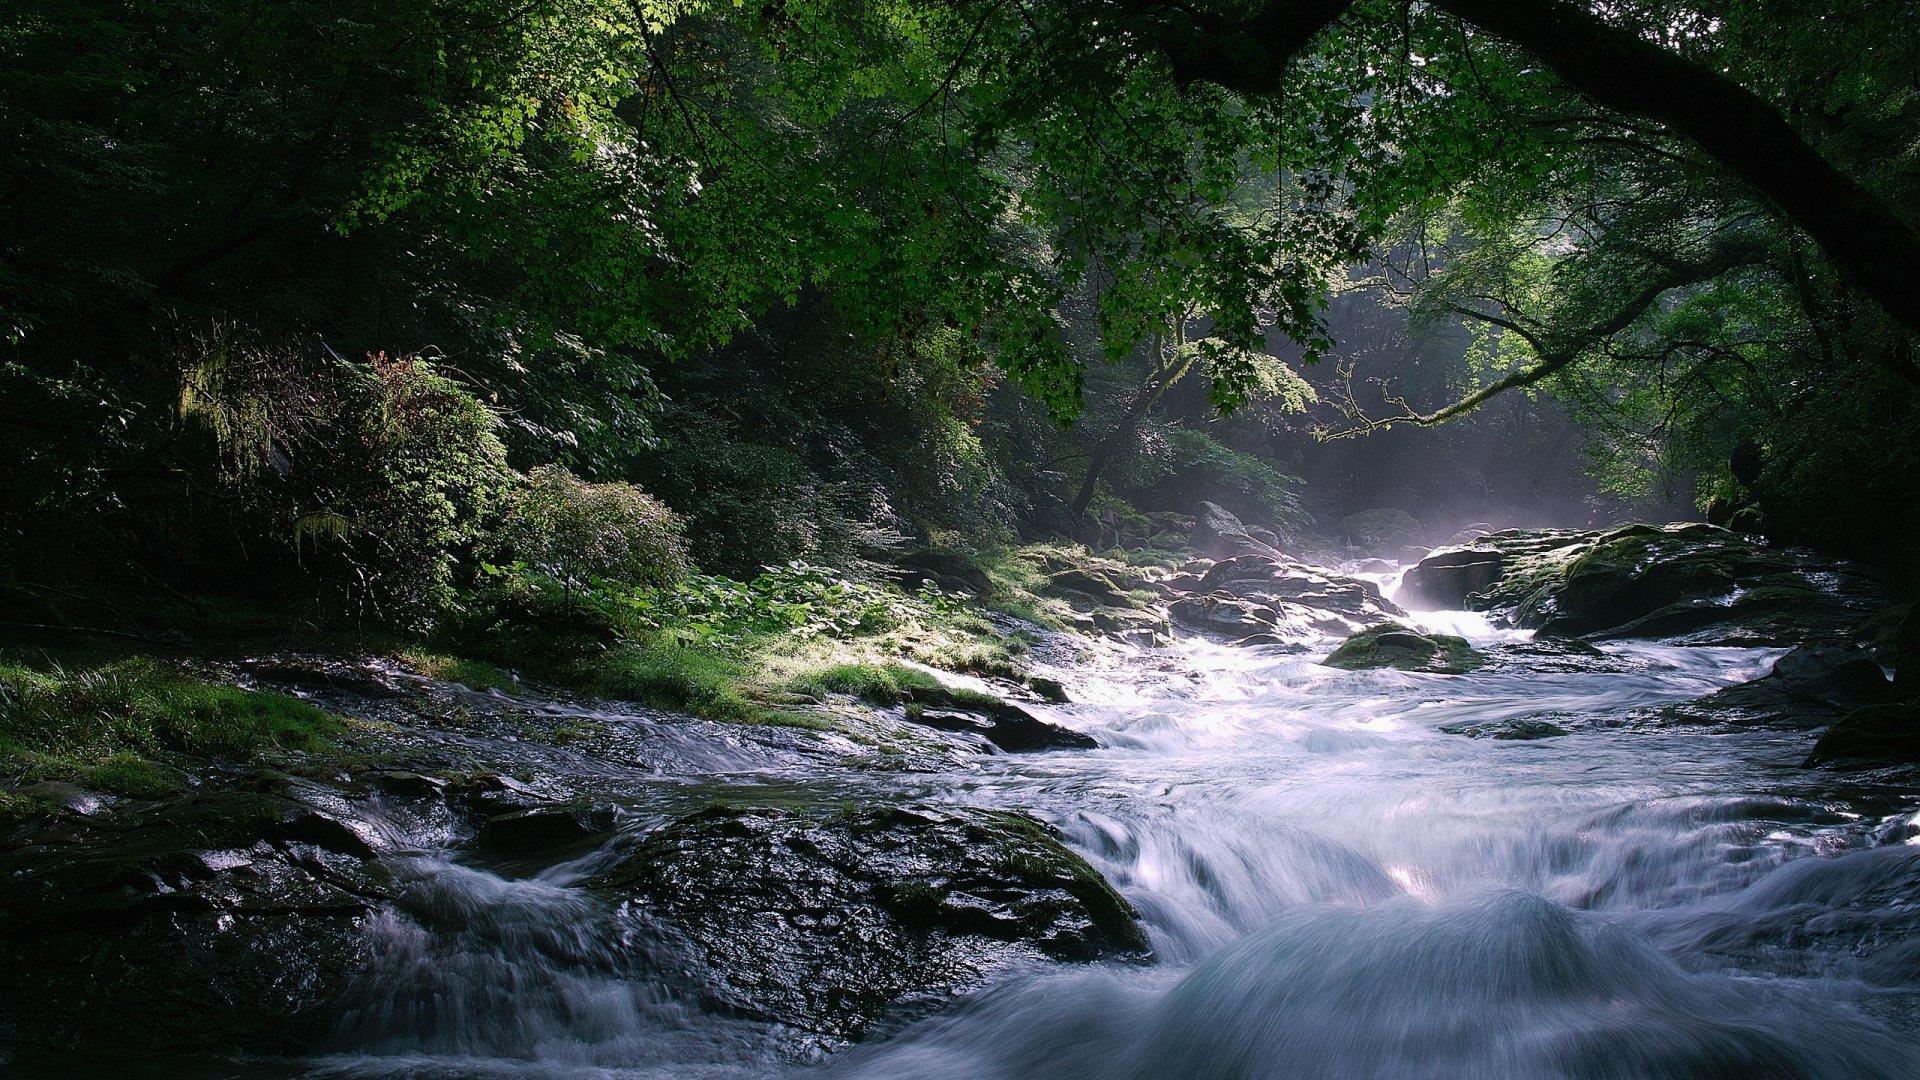 Hd wallpaper river - River Beautiful Nature Wallpaper 2807 Wallpaper Wallpaperlepi